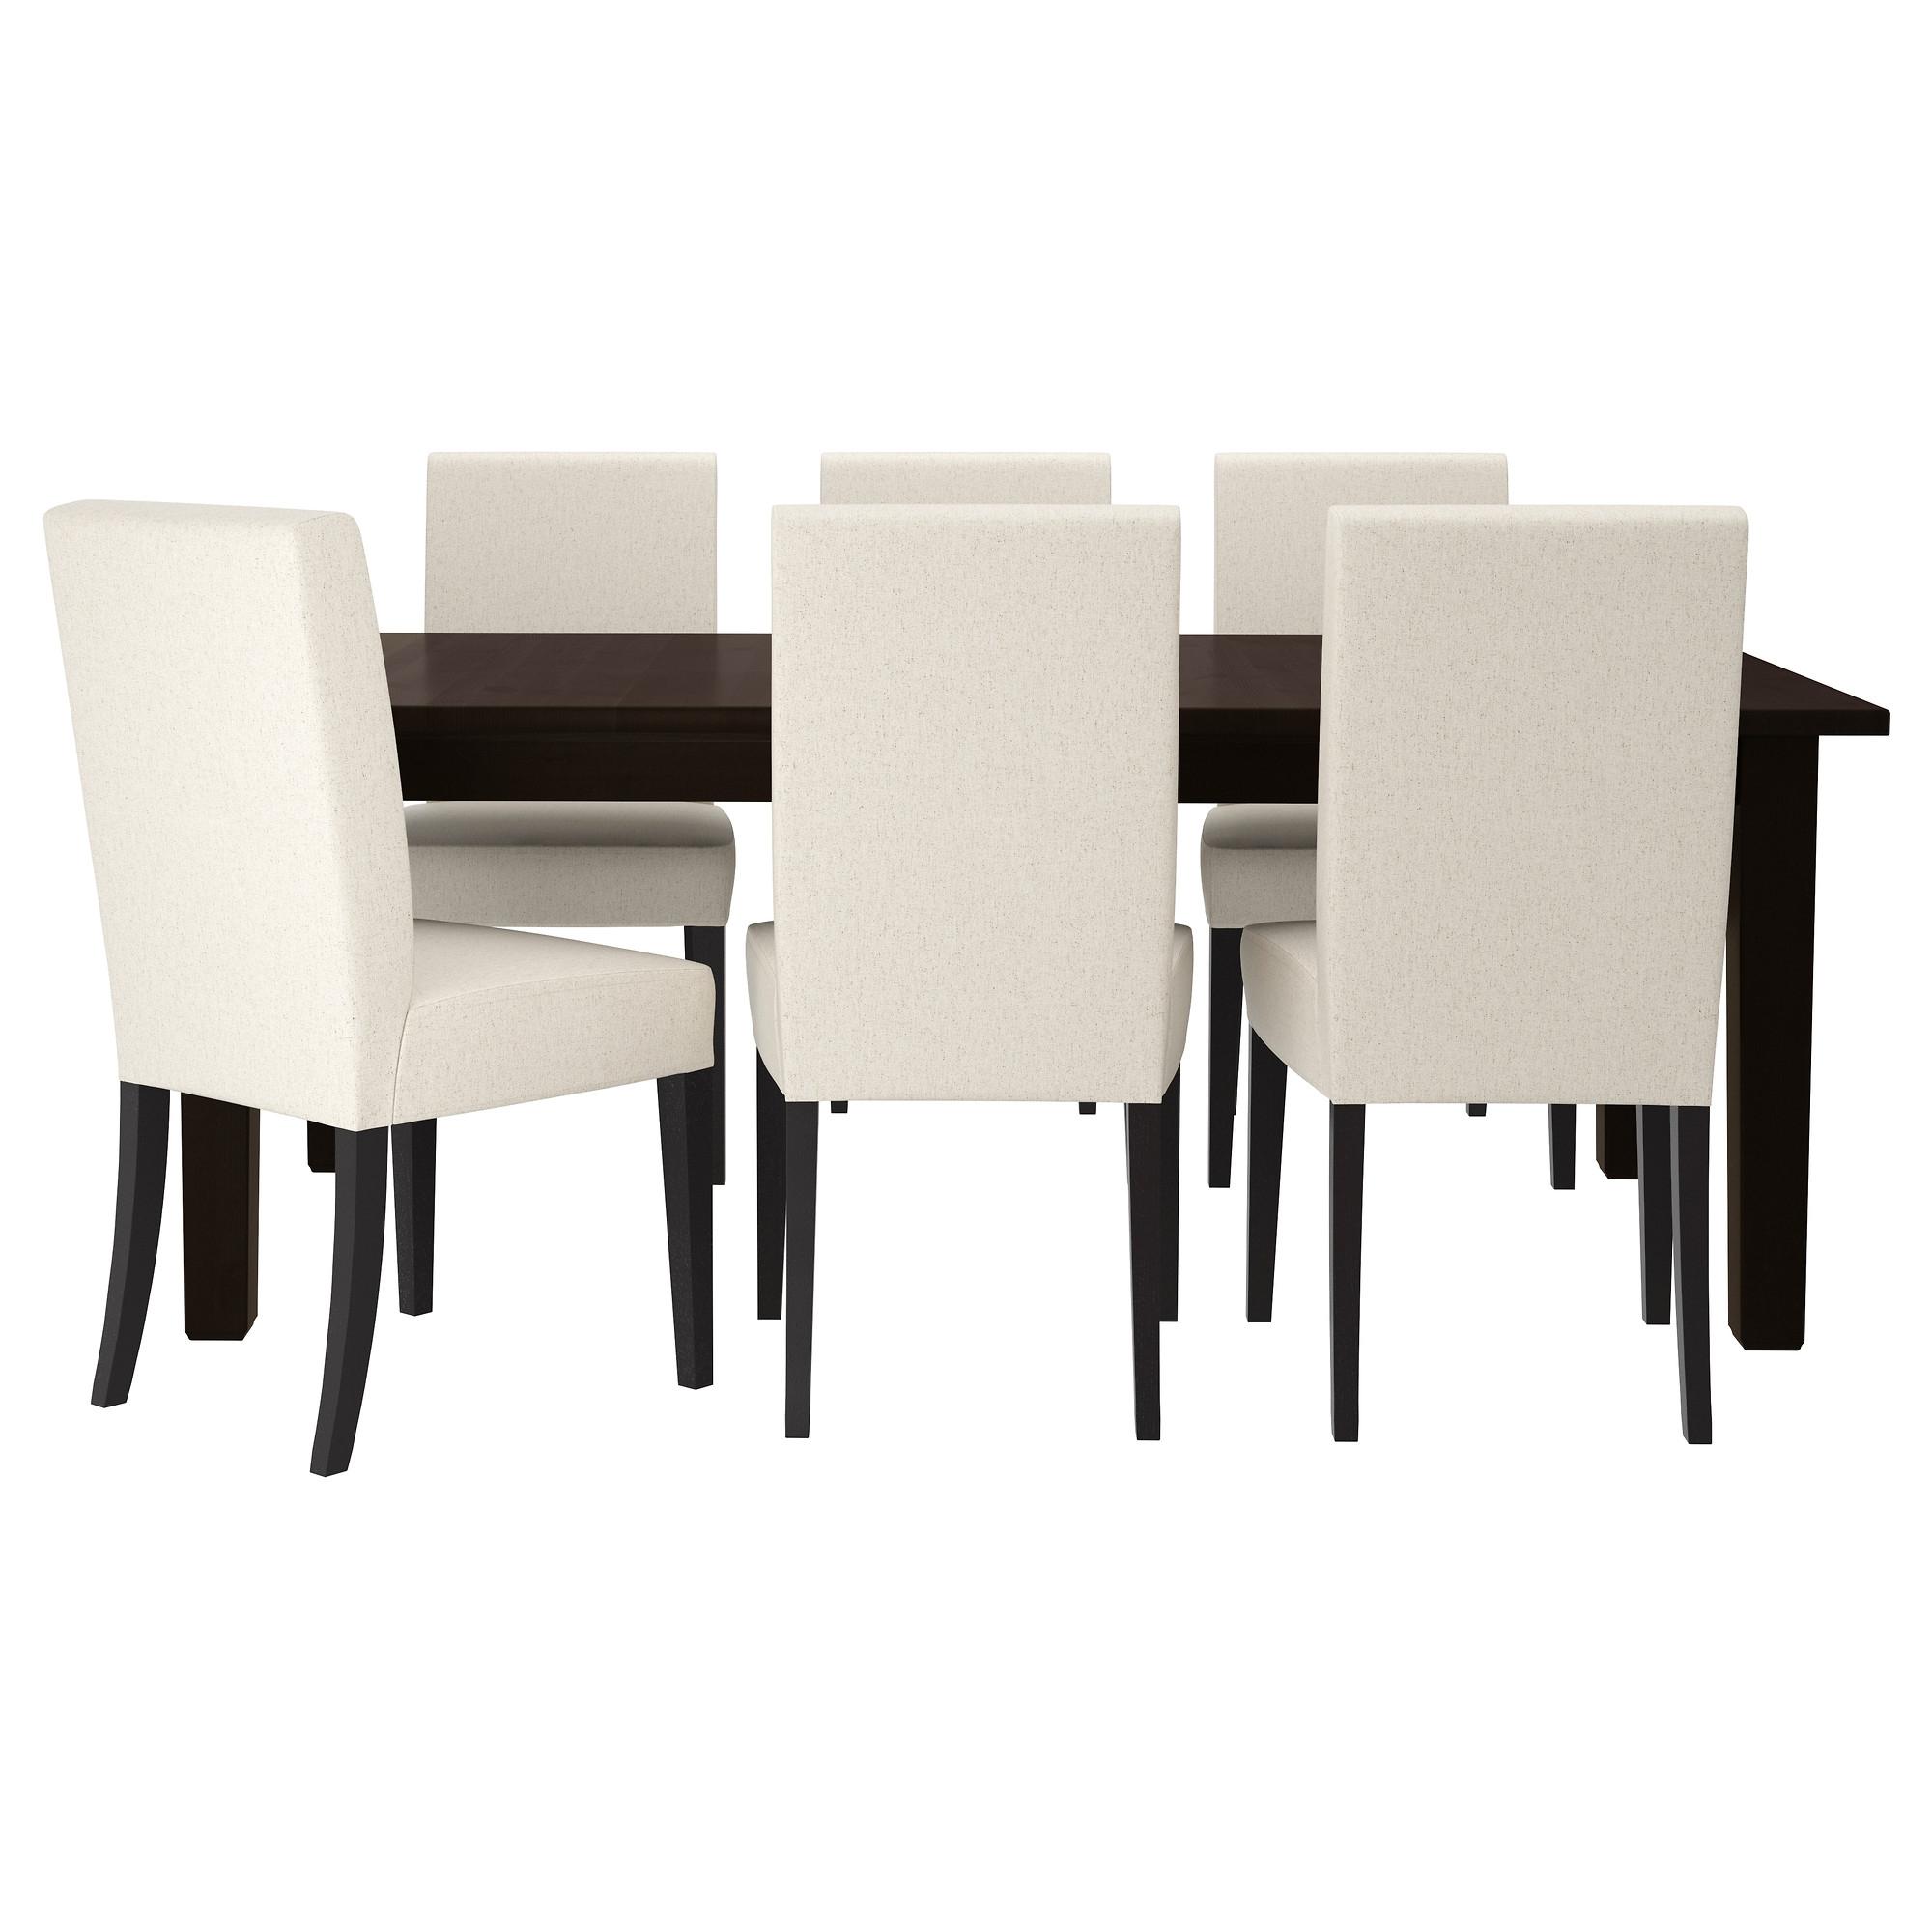 Storn s mesa con 6 sillas - Silla stockholm ikea ...